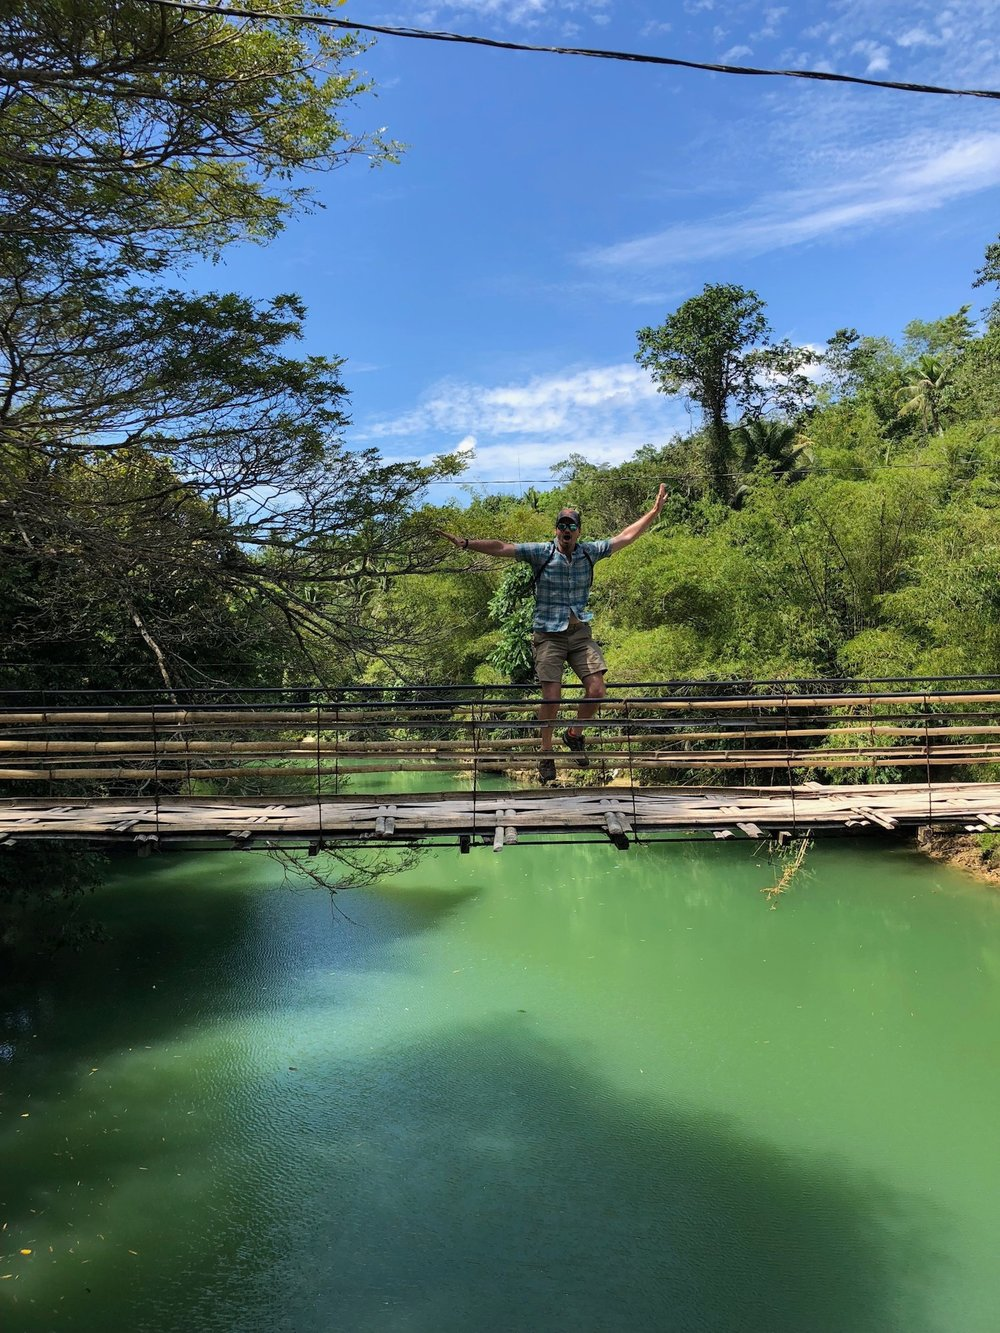 Suspension bamboo bridge in Bohol, Philippines.